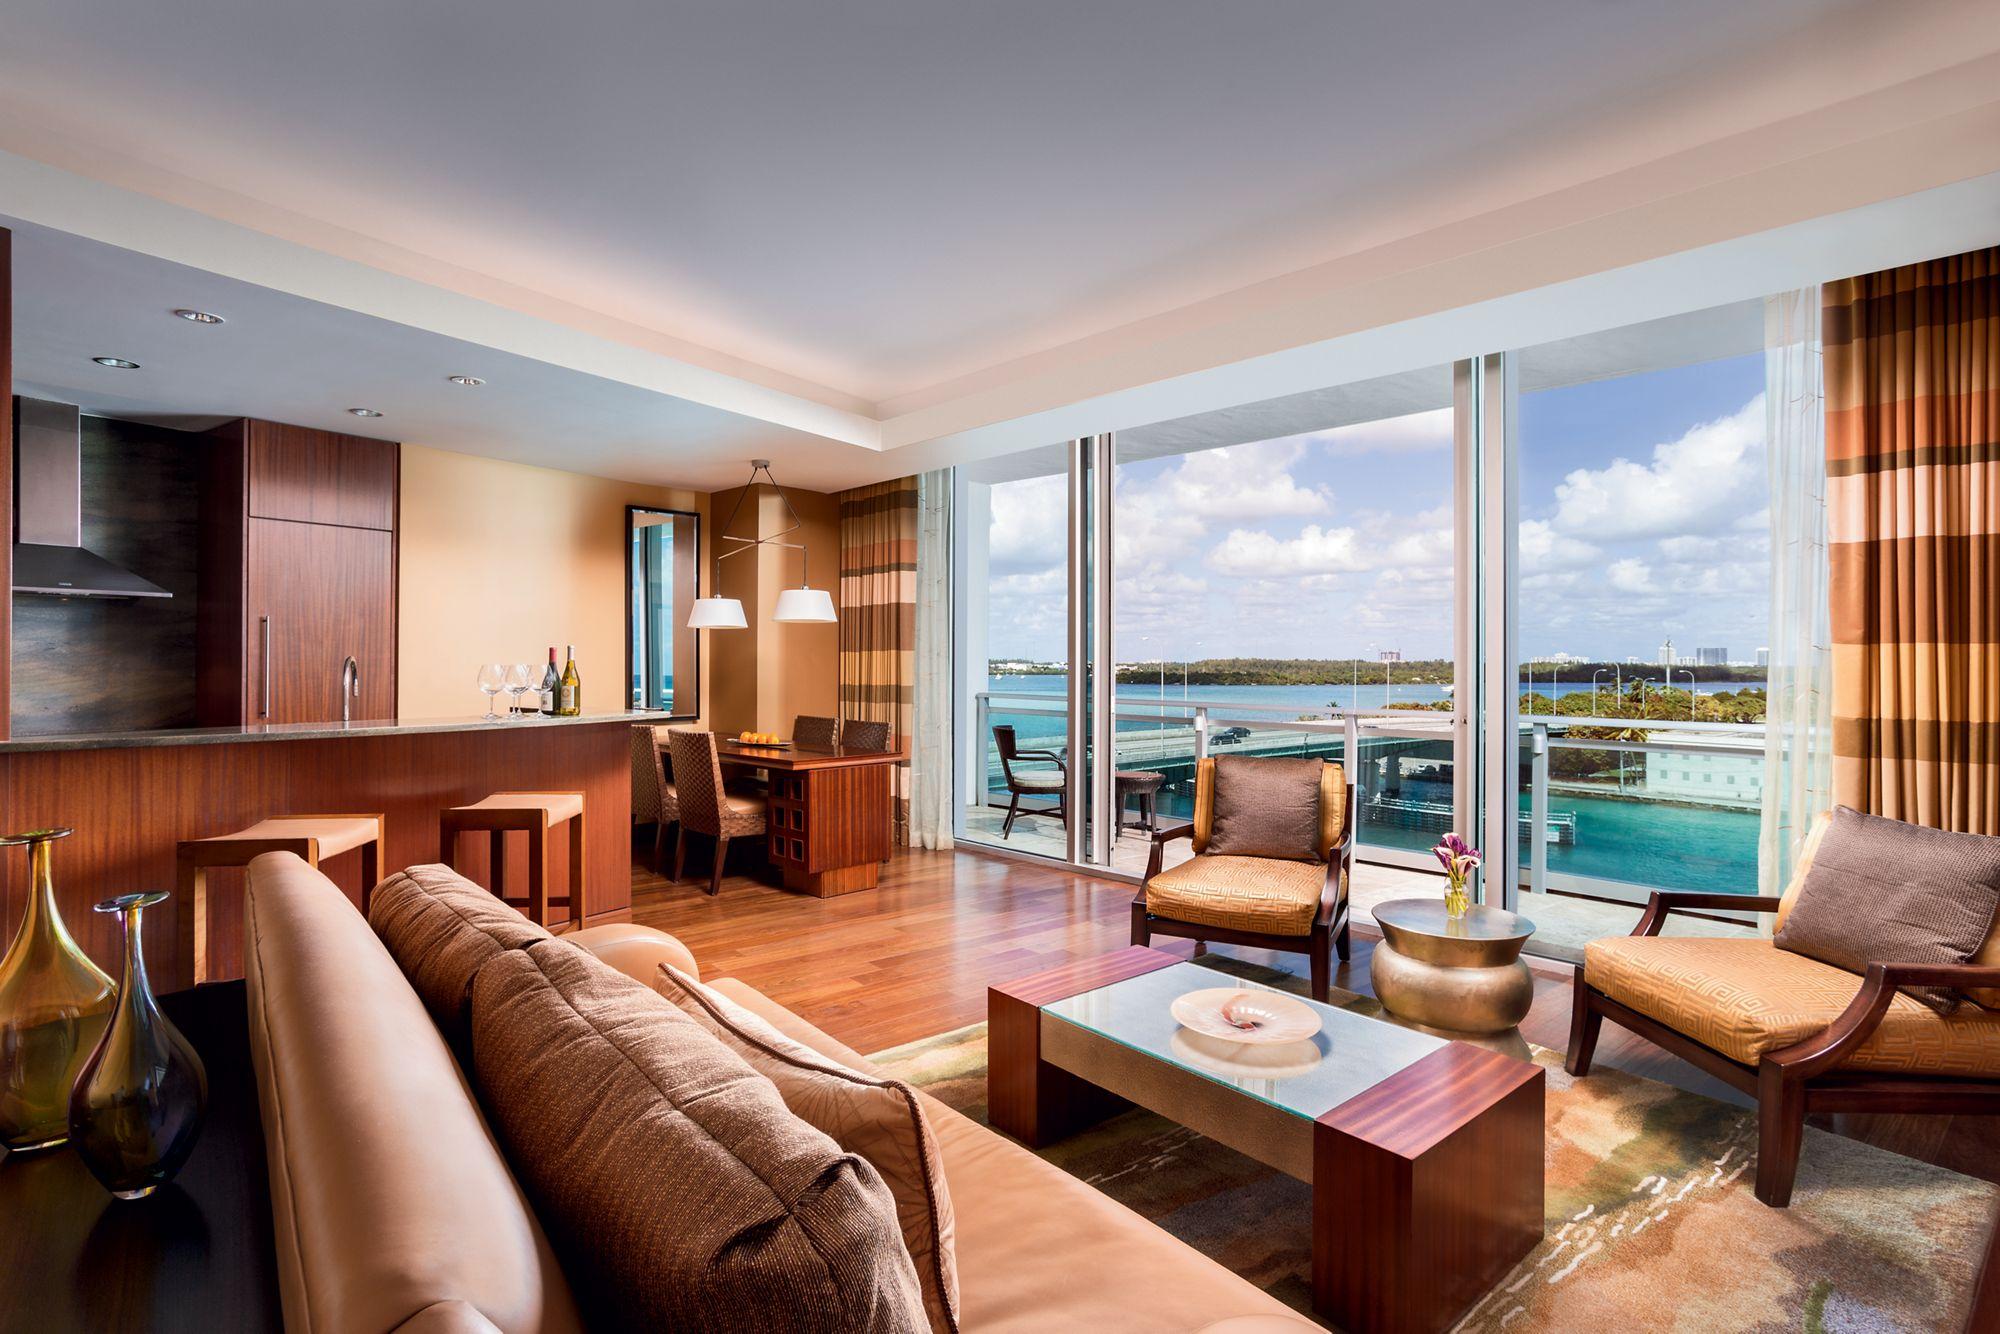 The Ritz Carlton Bal Harbour Miami